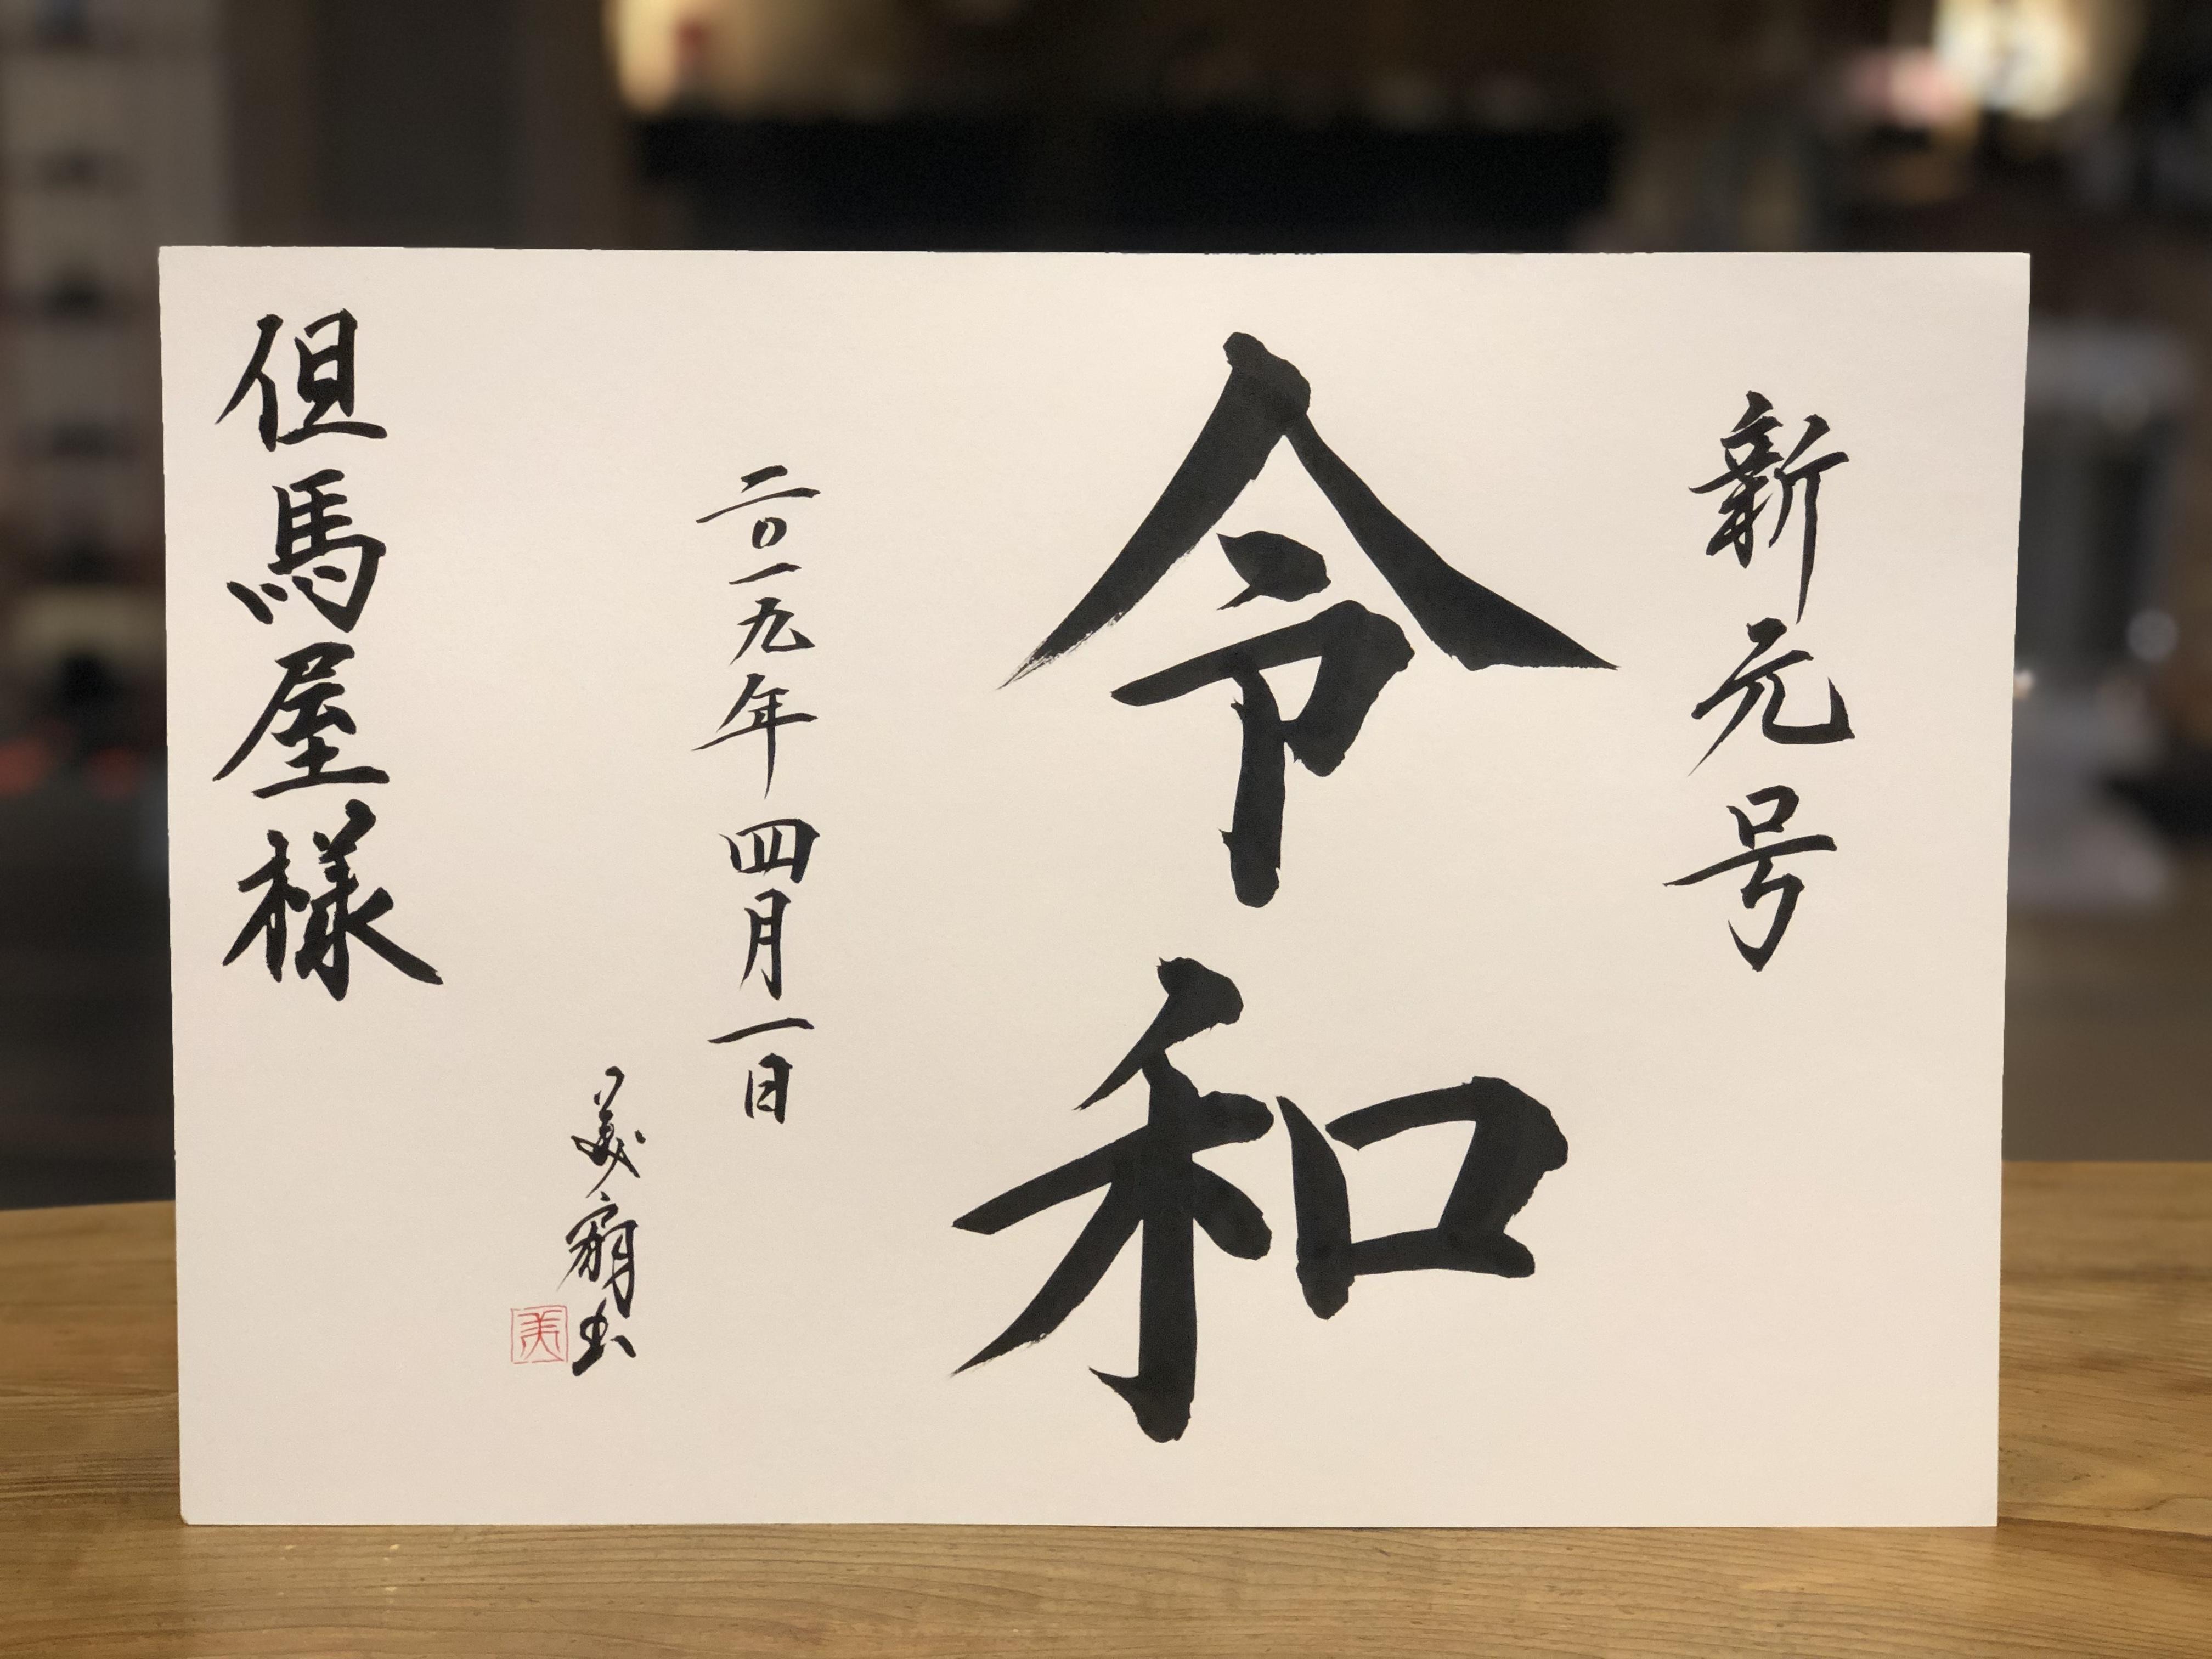 https://www.kinosaki-tajimaya.co.jp/wakadanna/46CF21D0-8050-47C0-B2AD-890F3A2BF725.jpeg